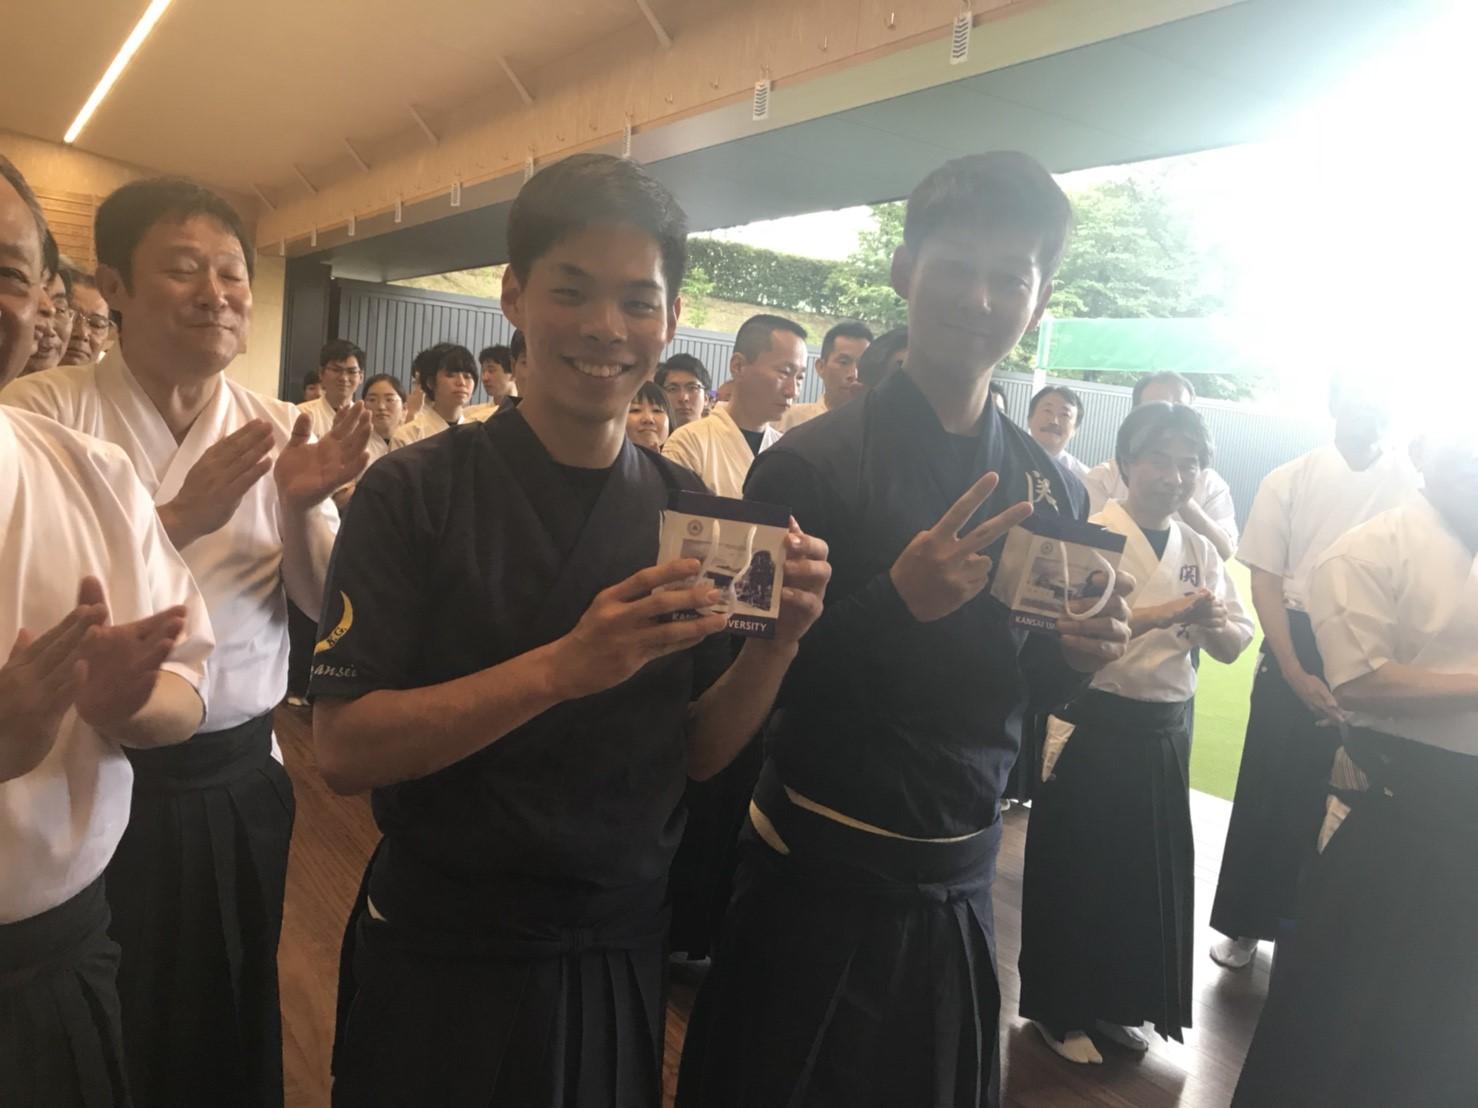 上川君と嶋本君はともに8射7中で団体3位に貢献